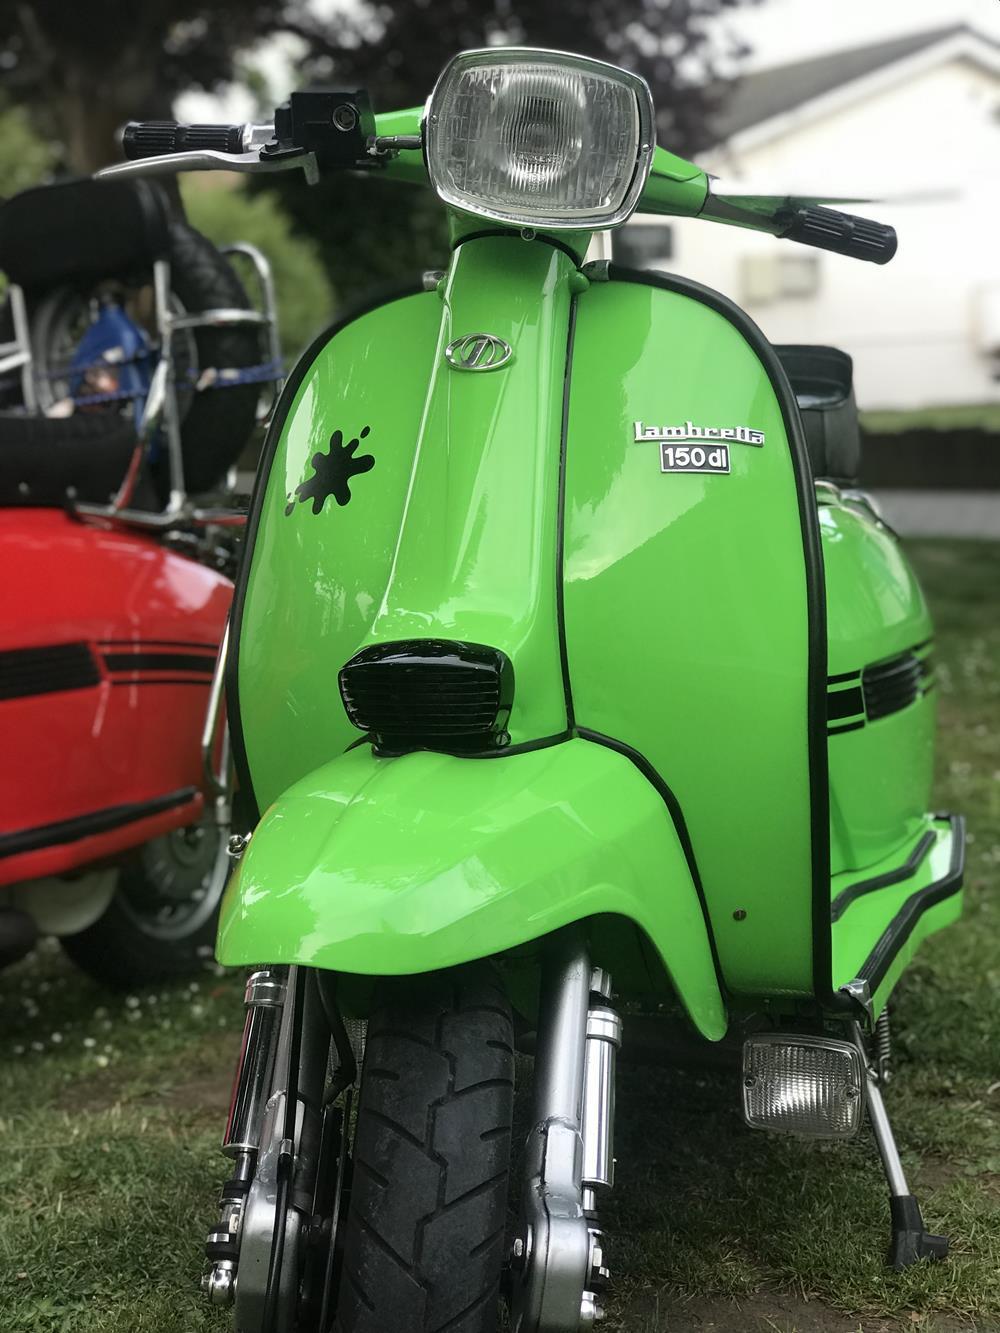 Green GP Lambretta